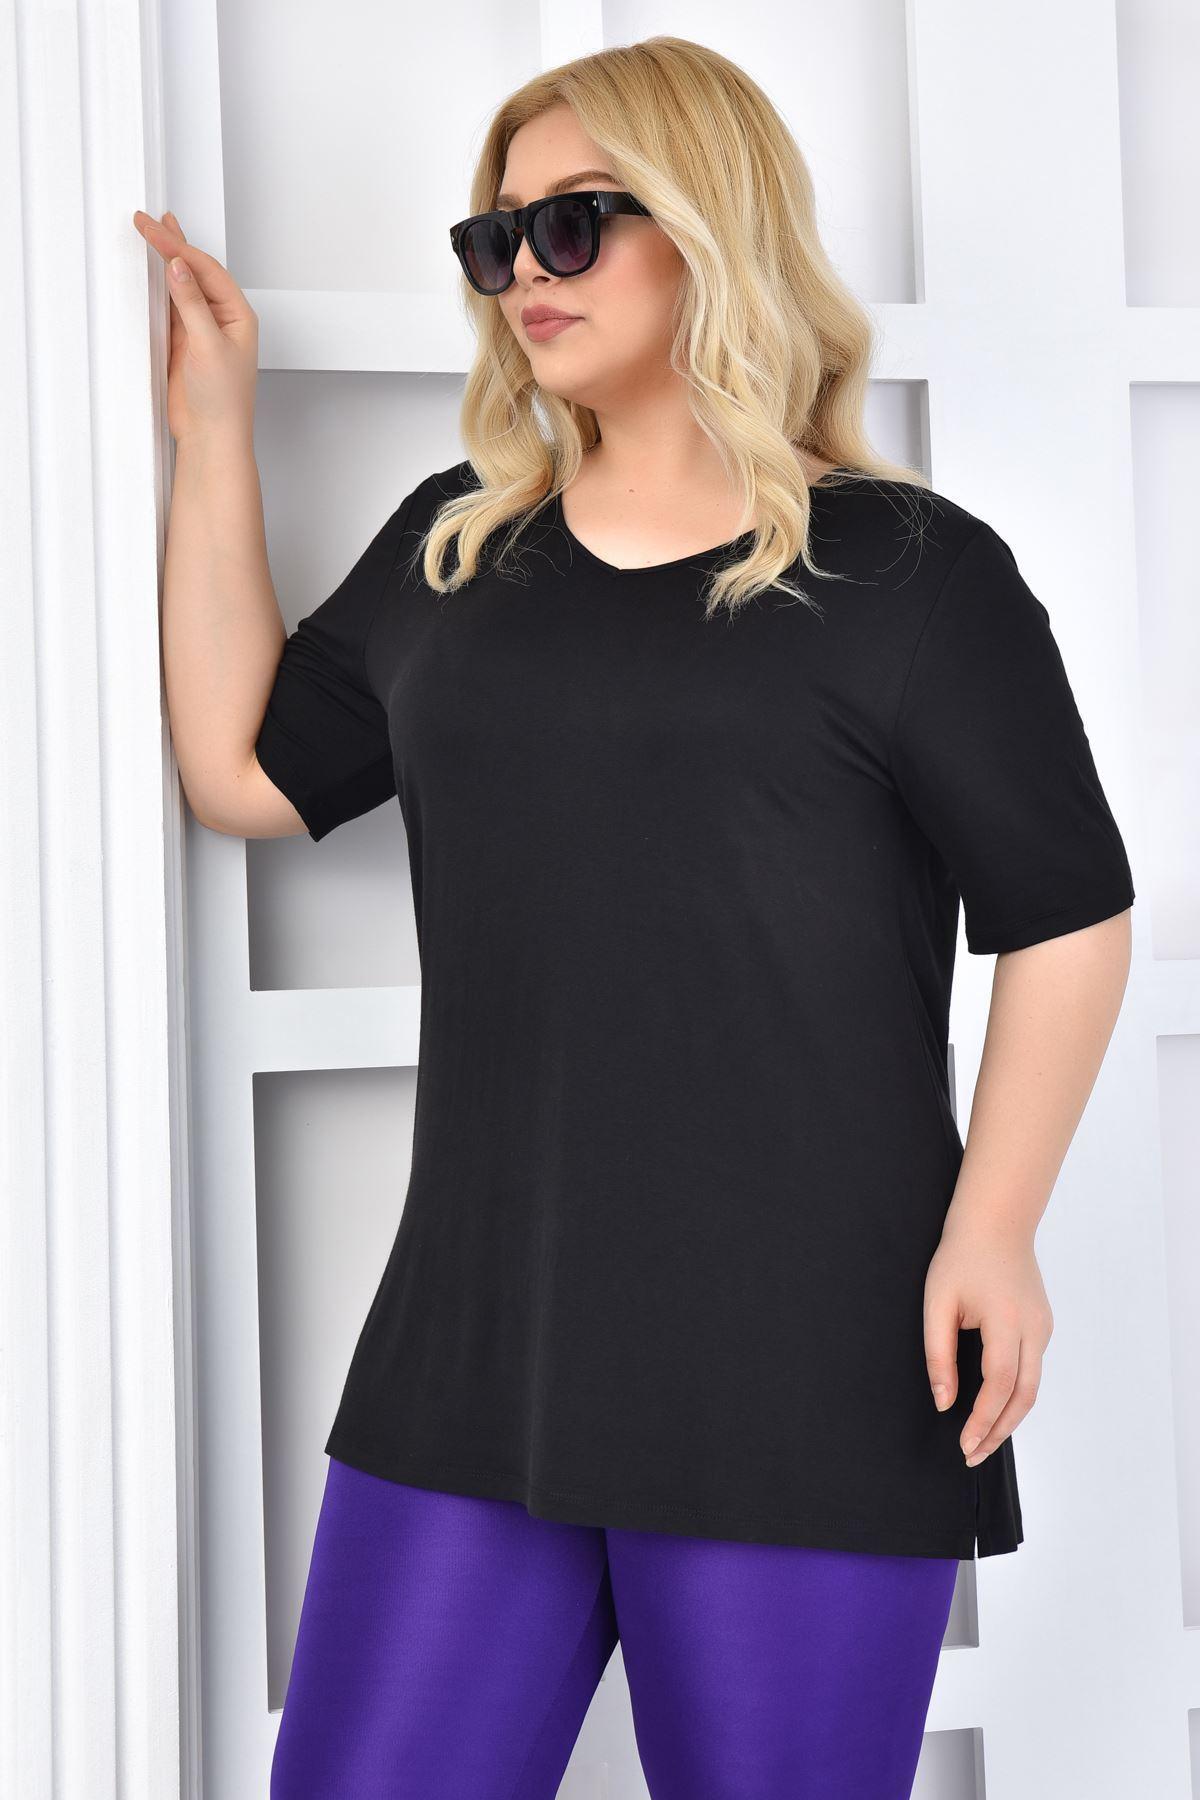 Fupe Büyük Beden Tshirt V Yaka Siyah Kadın Düz Desen